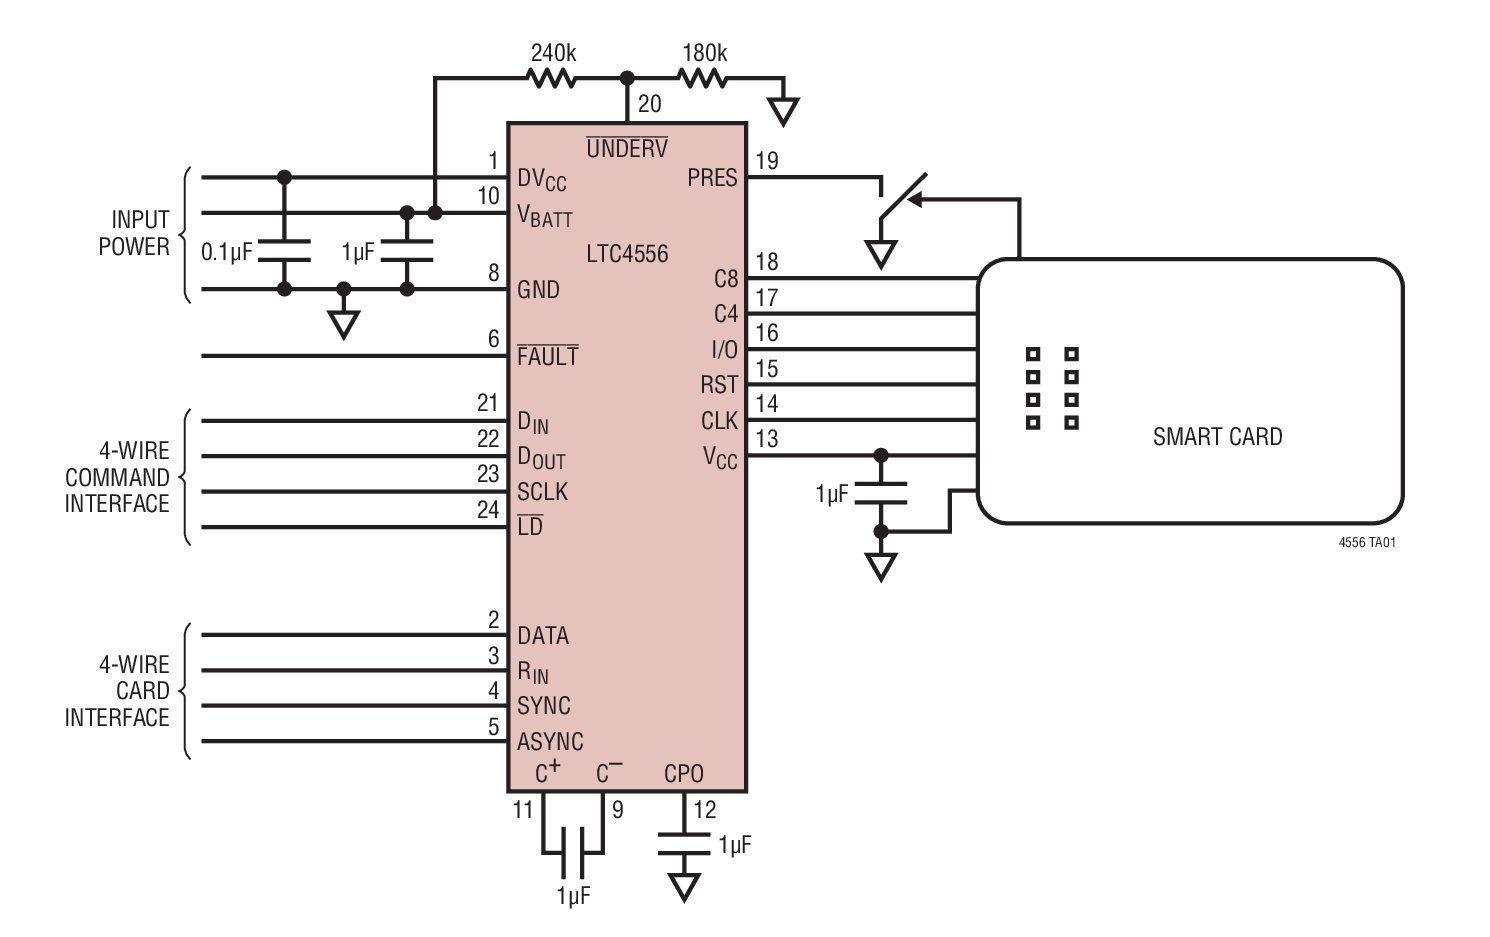 ltc4556 - 具串行控制功能的智能卡接口